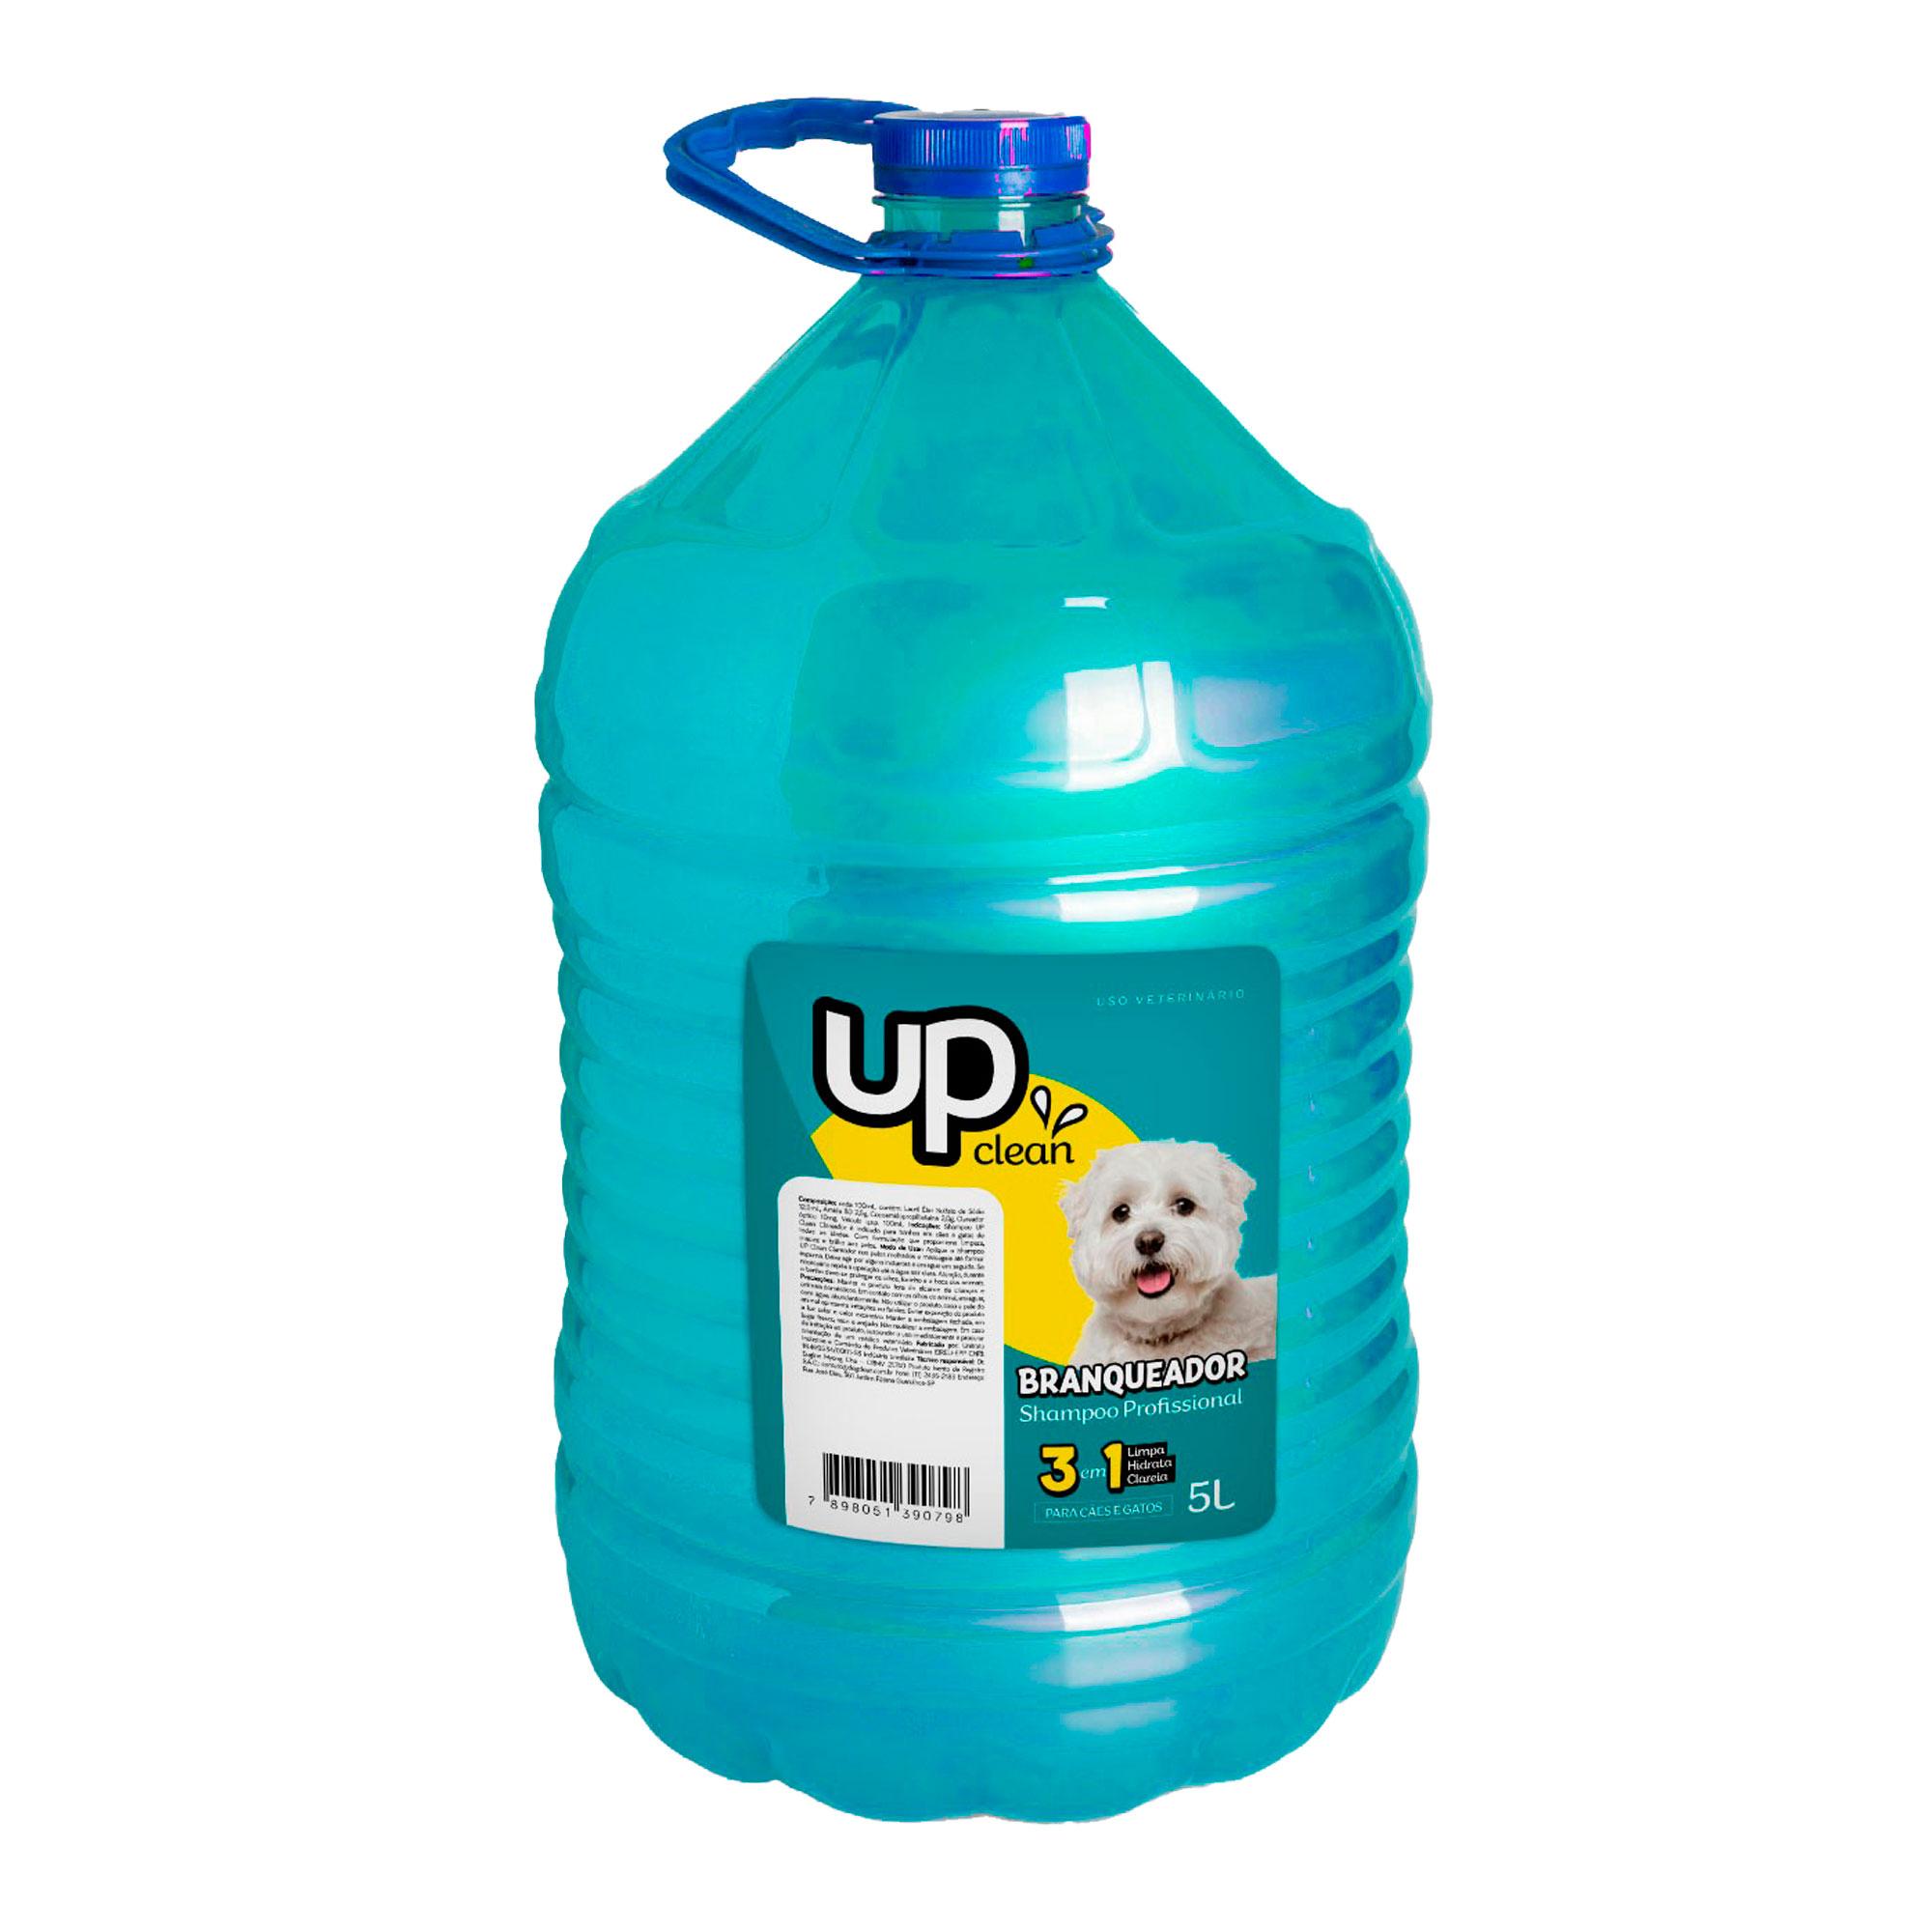 Shampoo Branqueador 5L Up Clean